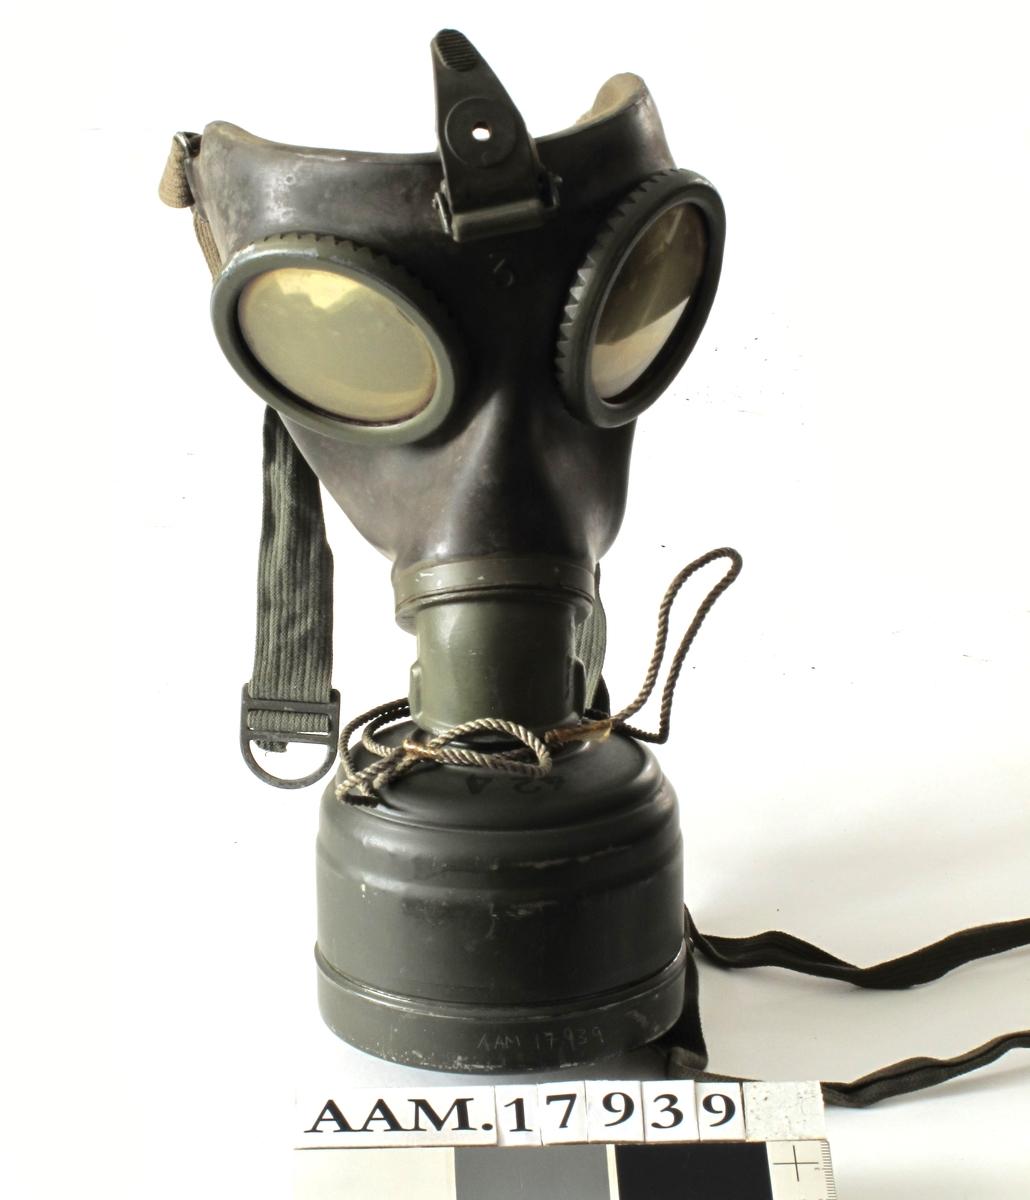 Gassmaske, tysk, fra krigen 1940-45. Sylinder av   jernblikk,  malt  mørk grønngrå.   Rifllet beholder med flatt lokk, i bunnen  ligger gassmasken, over denne en beholder,  malt med sort : byd Fe, Fe 424, tyske våpen og WA. A.533.